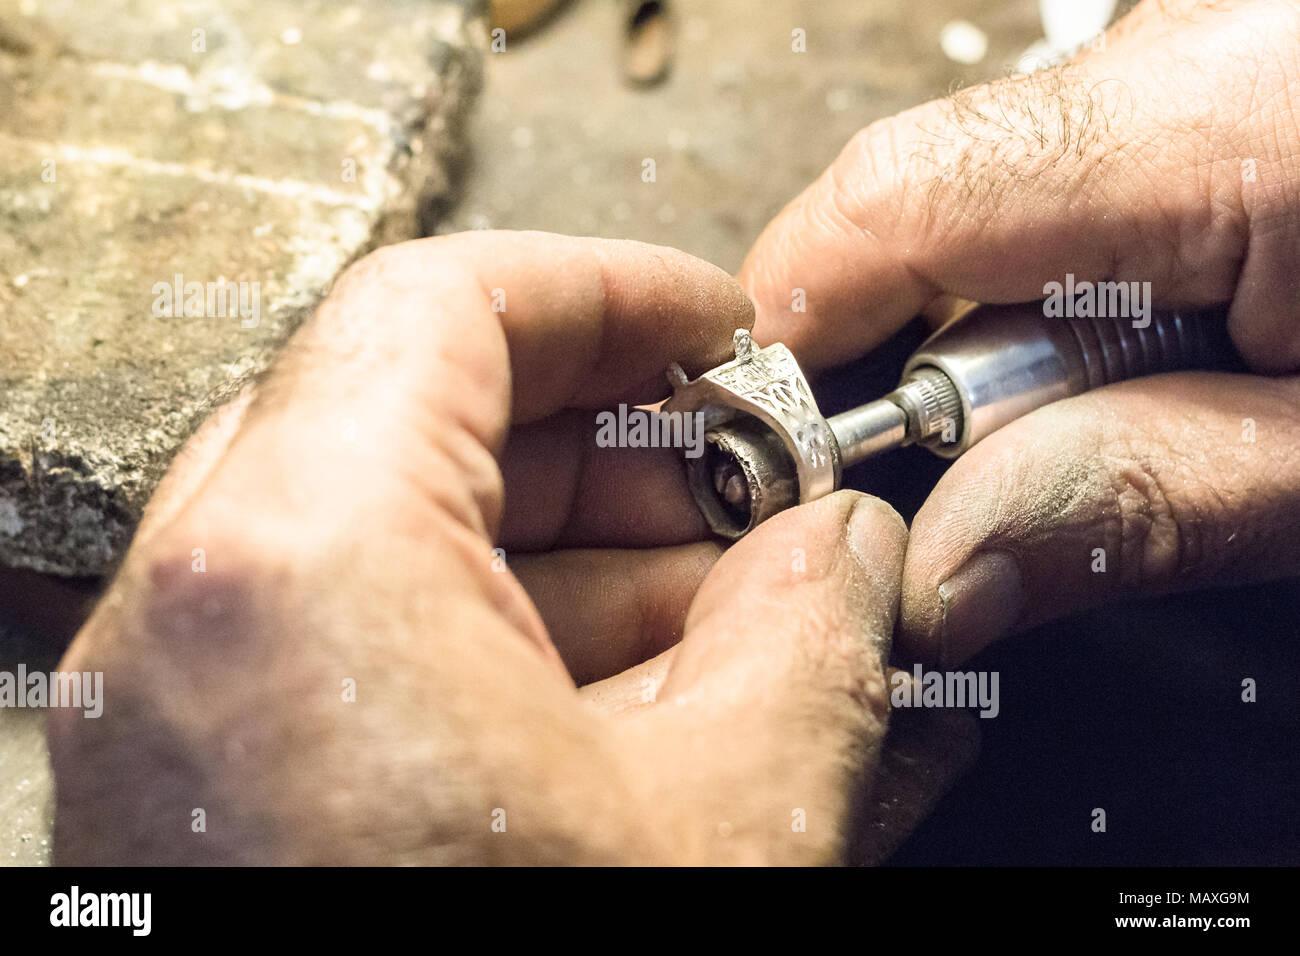 694169ed0f48 Joyero masculino pulir un anillo de plata con un mandril de ranurado para la  lija